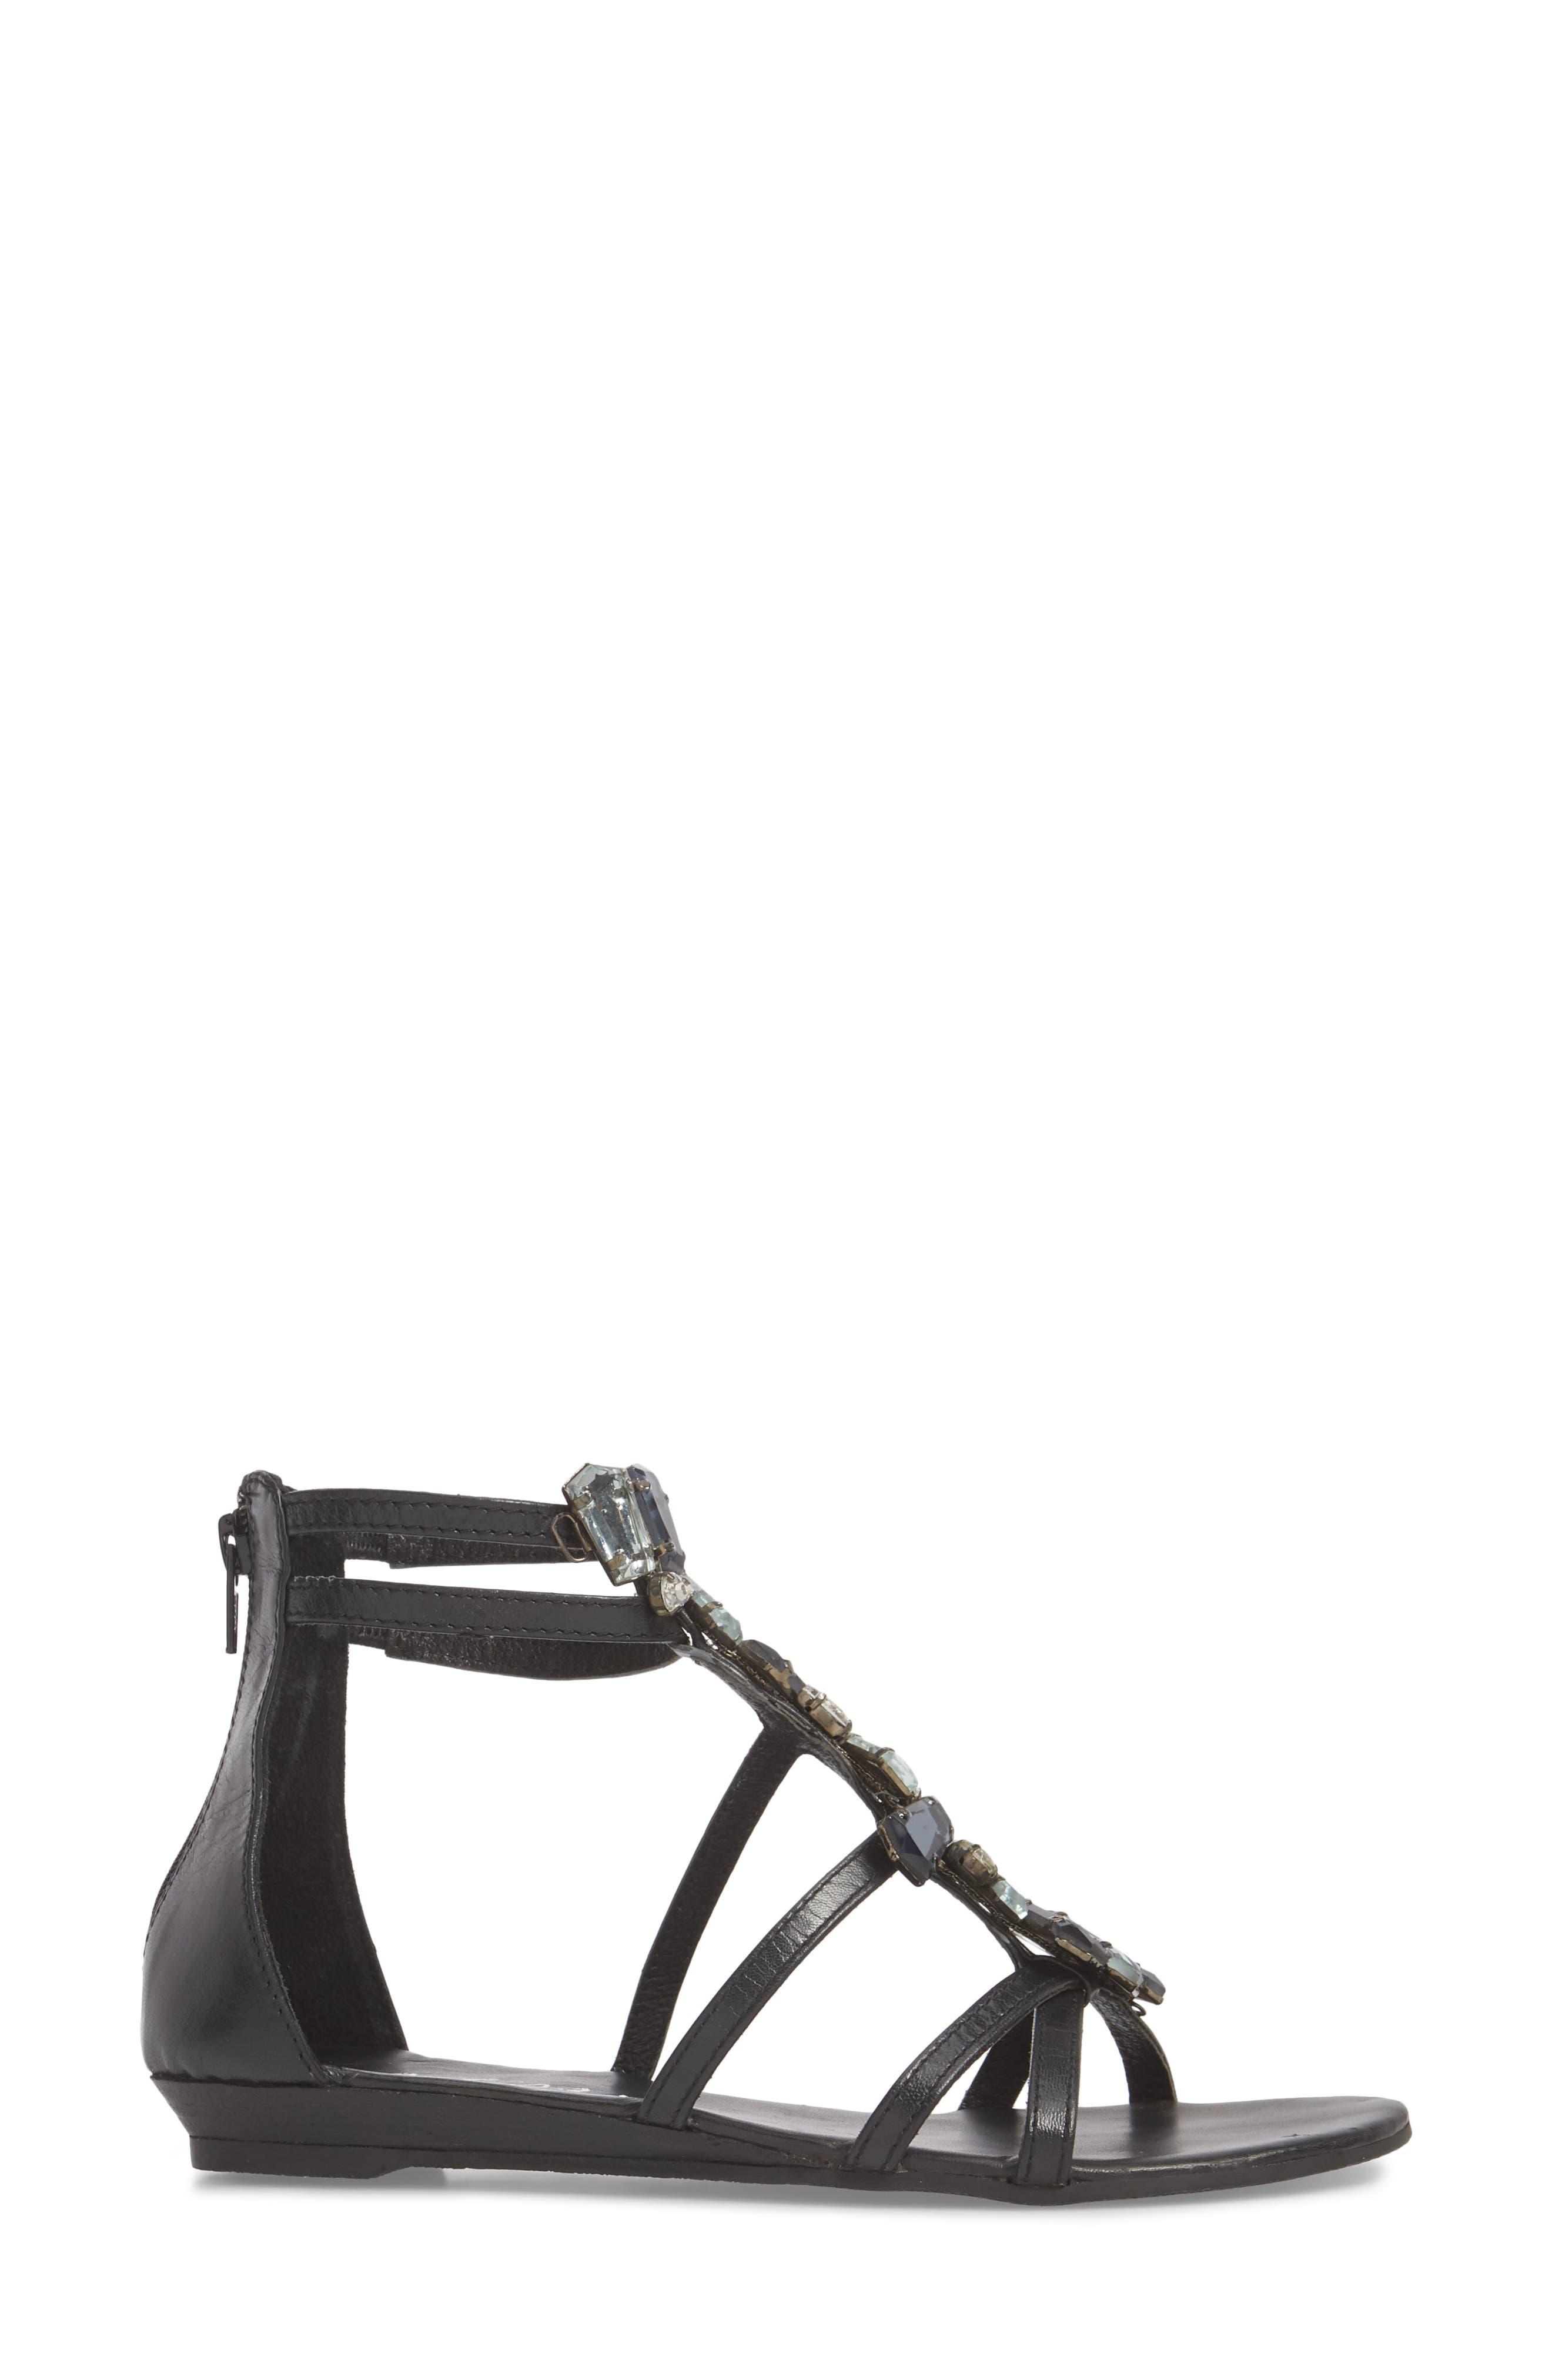 Didi Crystal Embellished Sandal,                             Alternate thumbnail 3, color,                             BLACK LEATHER